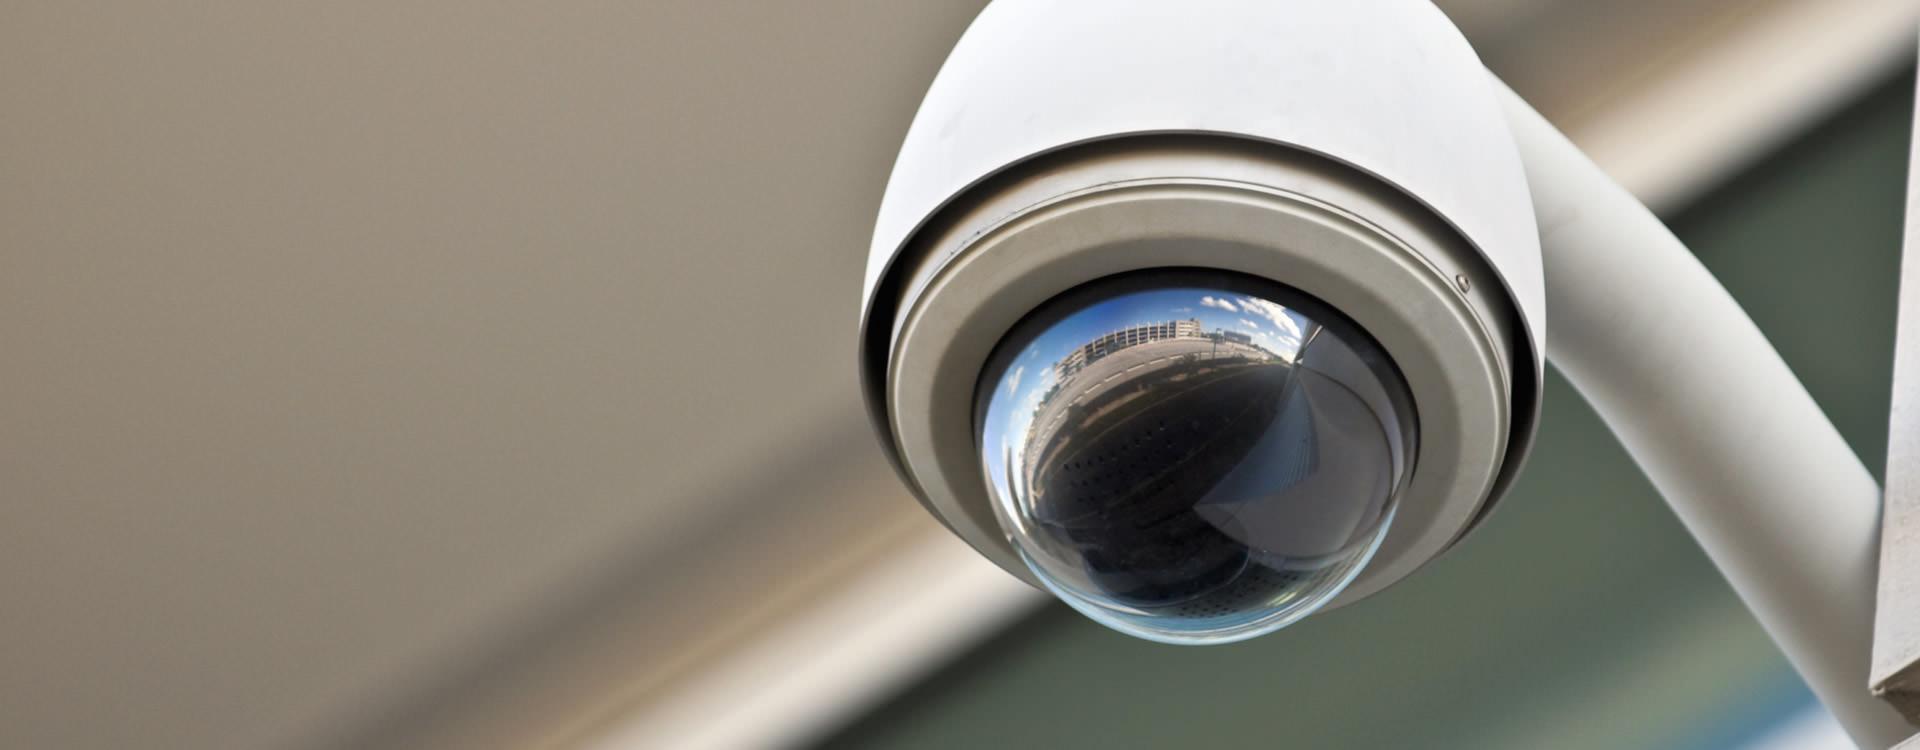 Extra Ring Cameras